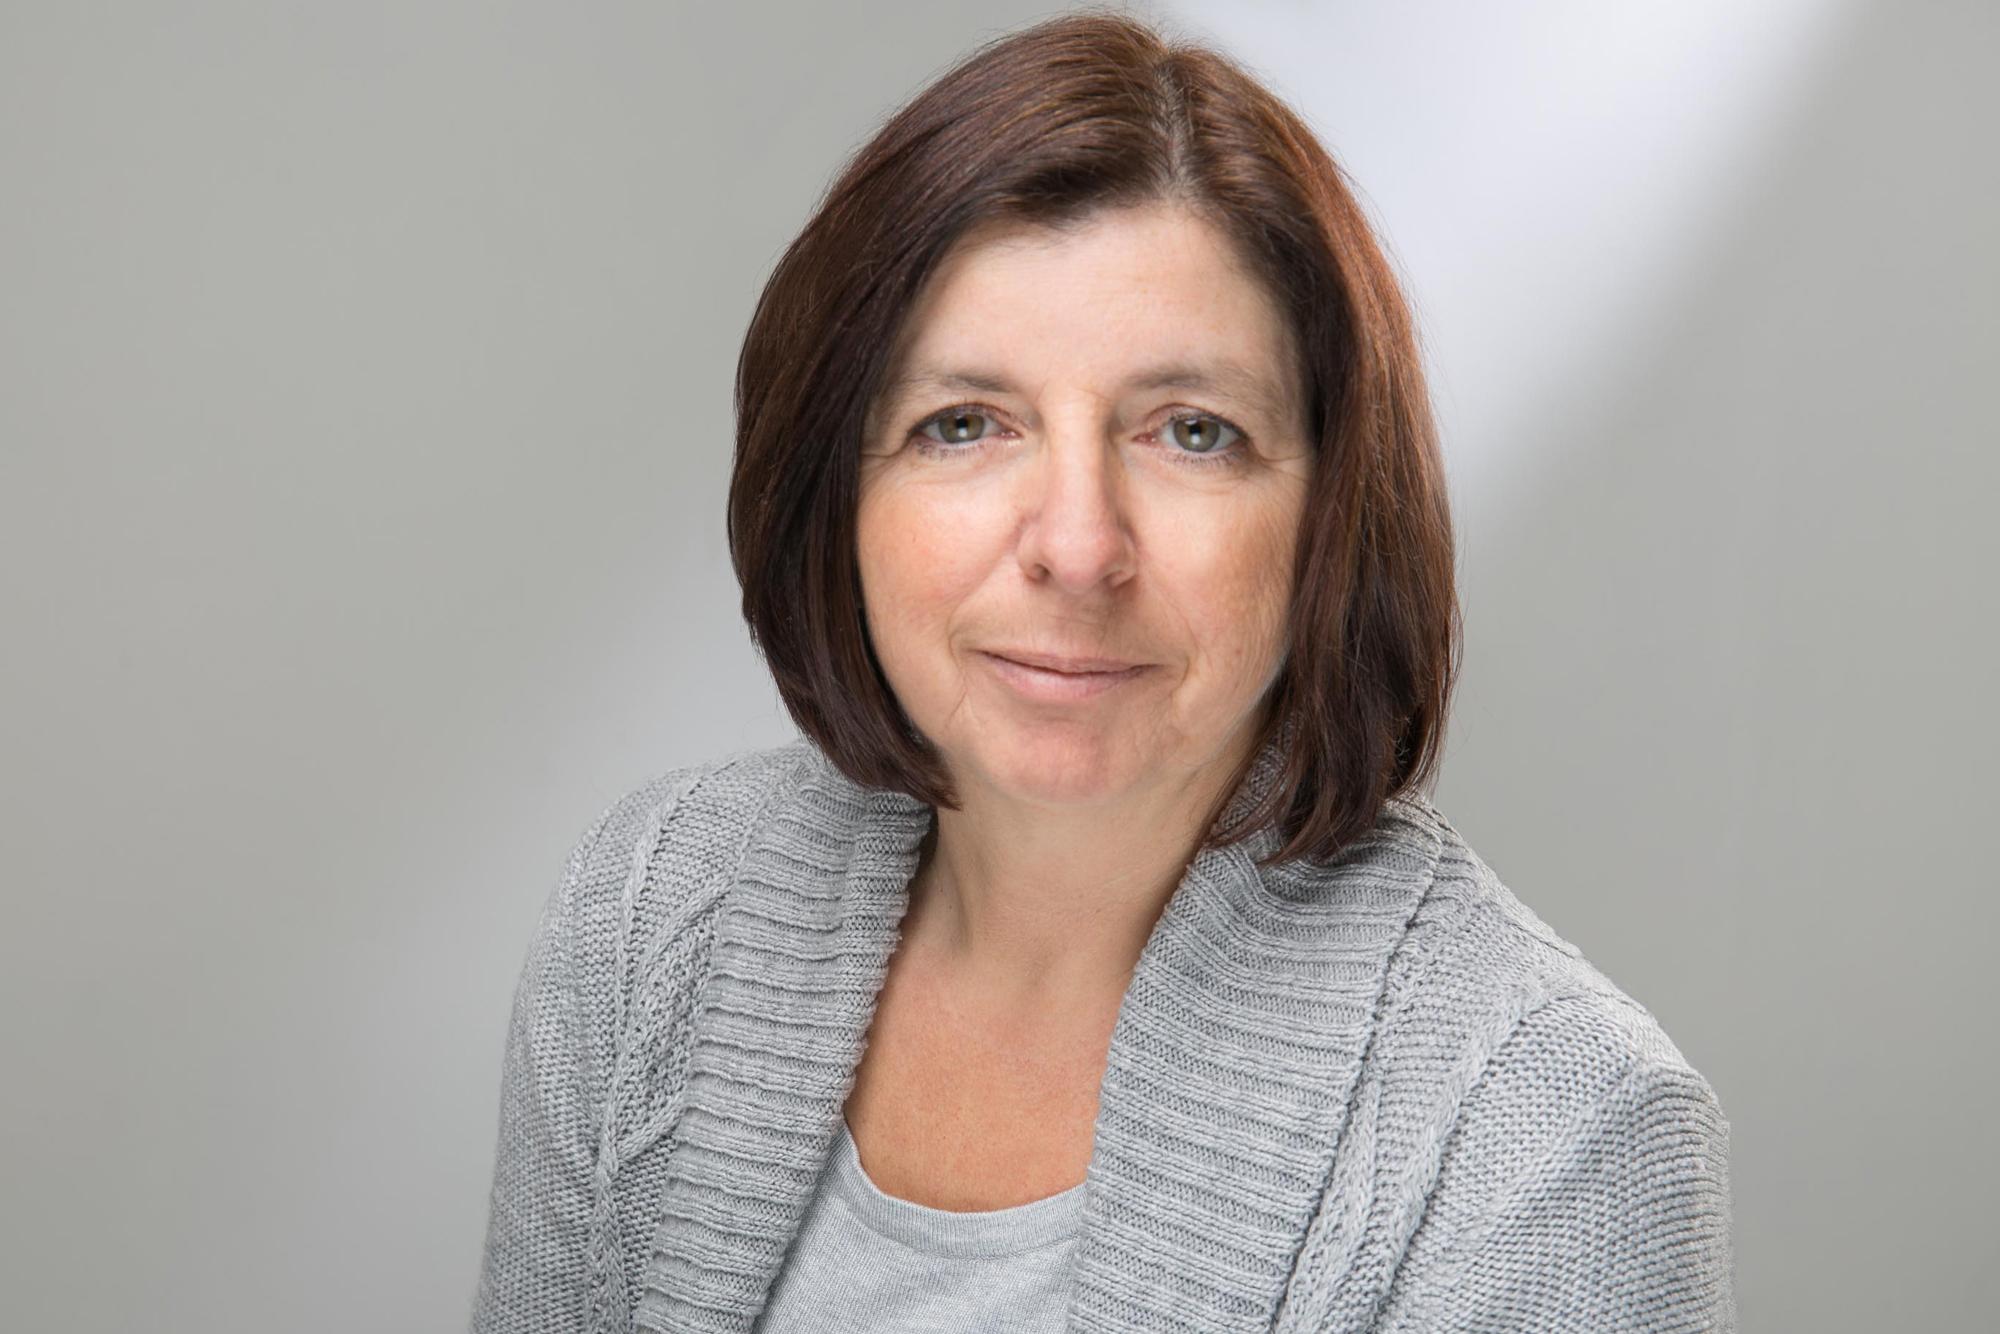 Birgit Becker